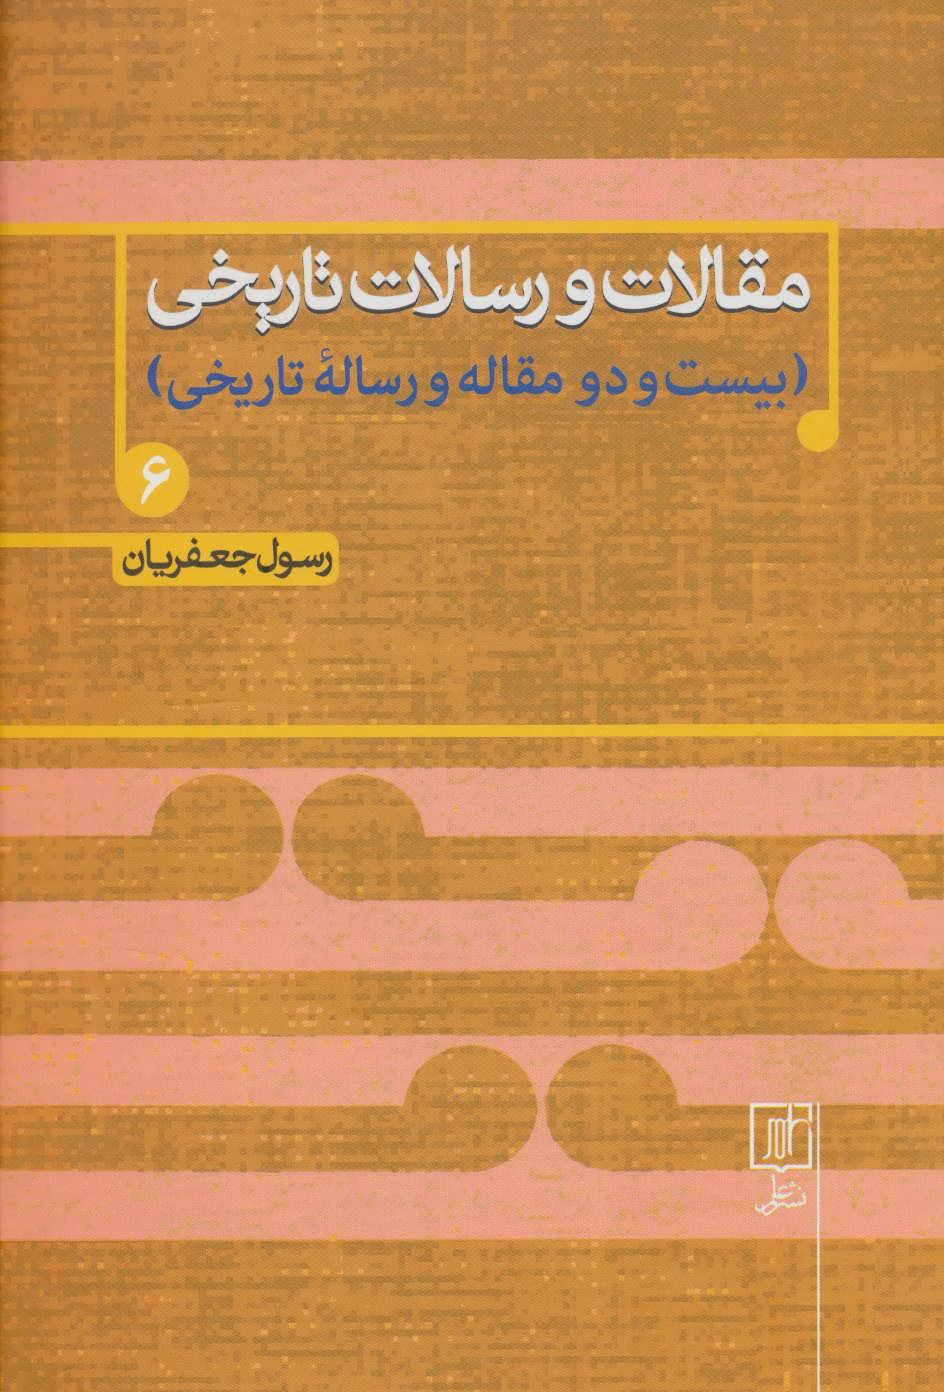 مقالات و رسالات تاریخی 6 (بیست و دو مقاله و رساله تاریخی)